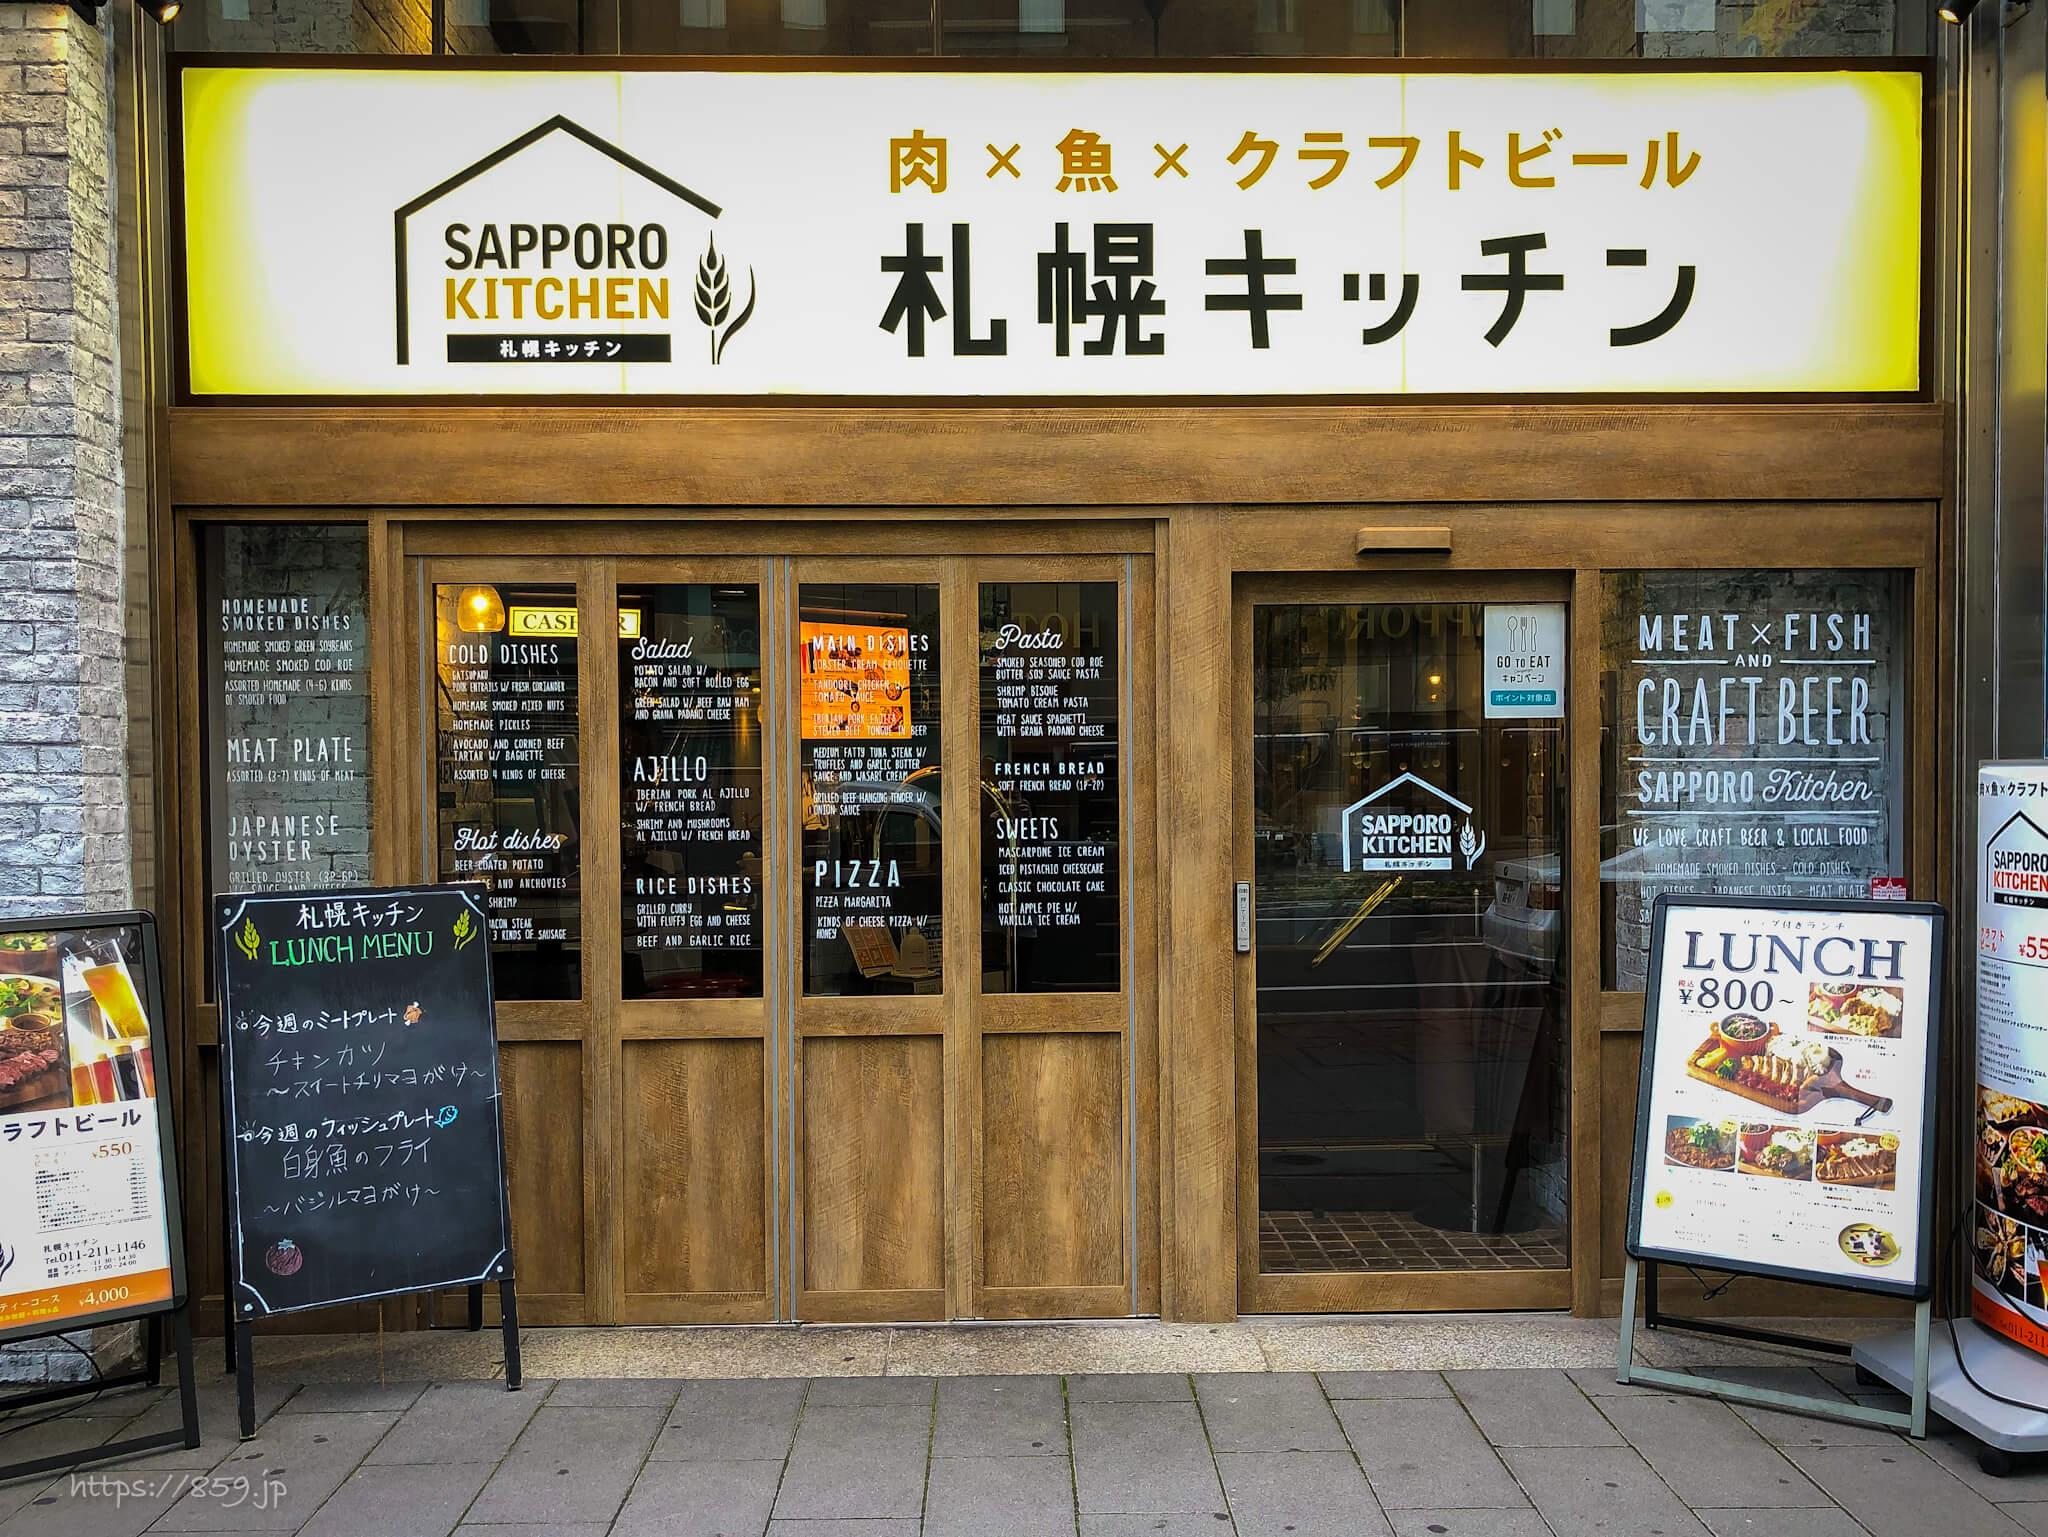 札幌キッチンのランチでクラフトビール飲み比べ旧アイリッシュパブケルツ外観